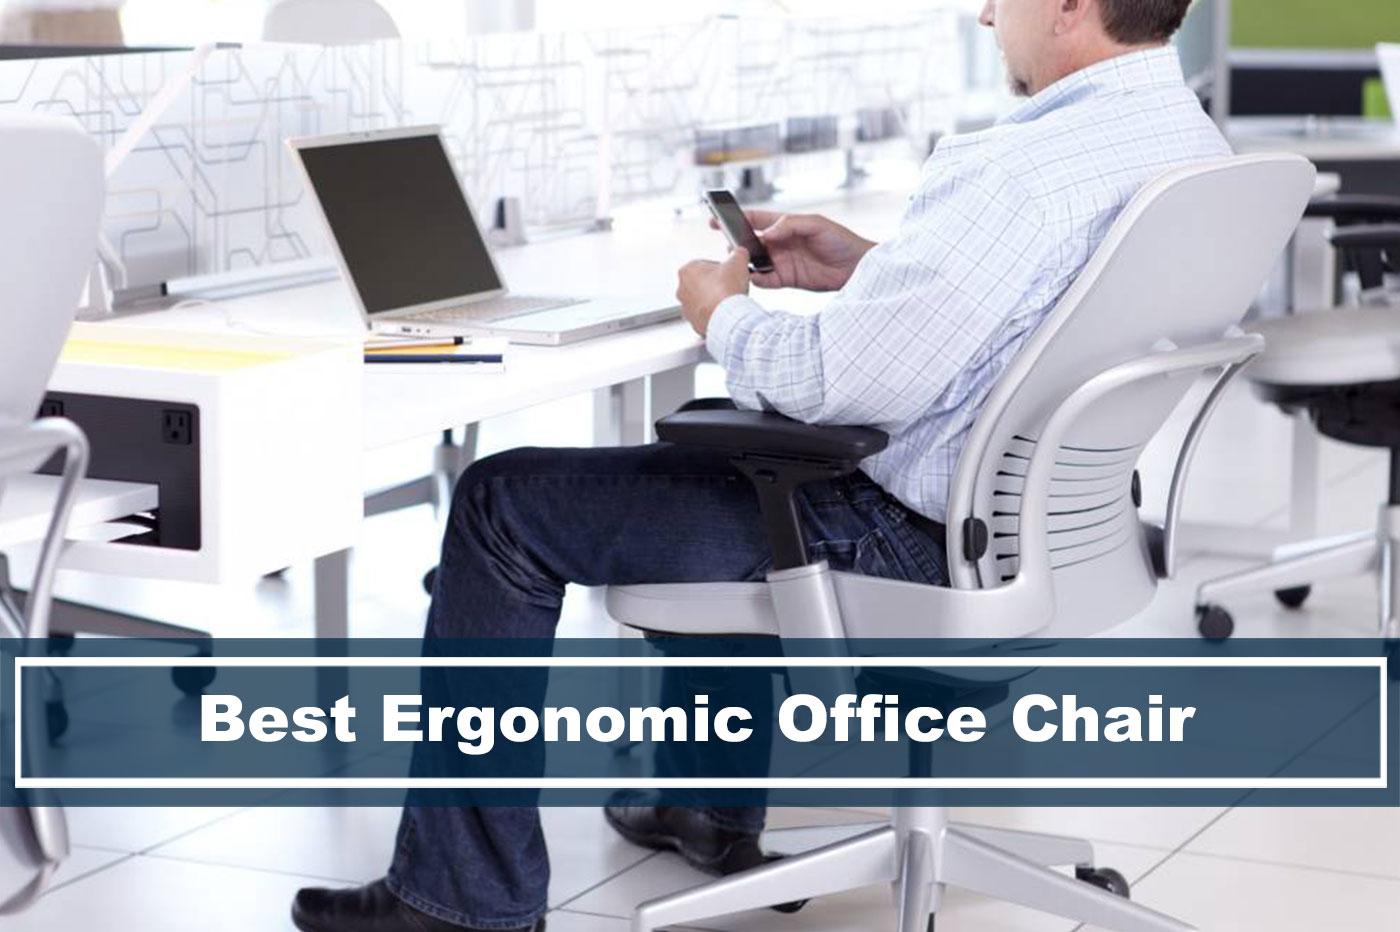 Desk Advisor's Best Ergonomic Office Chair Reviews